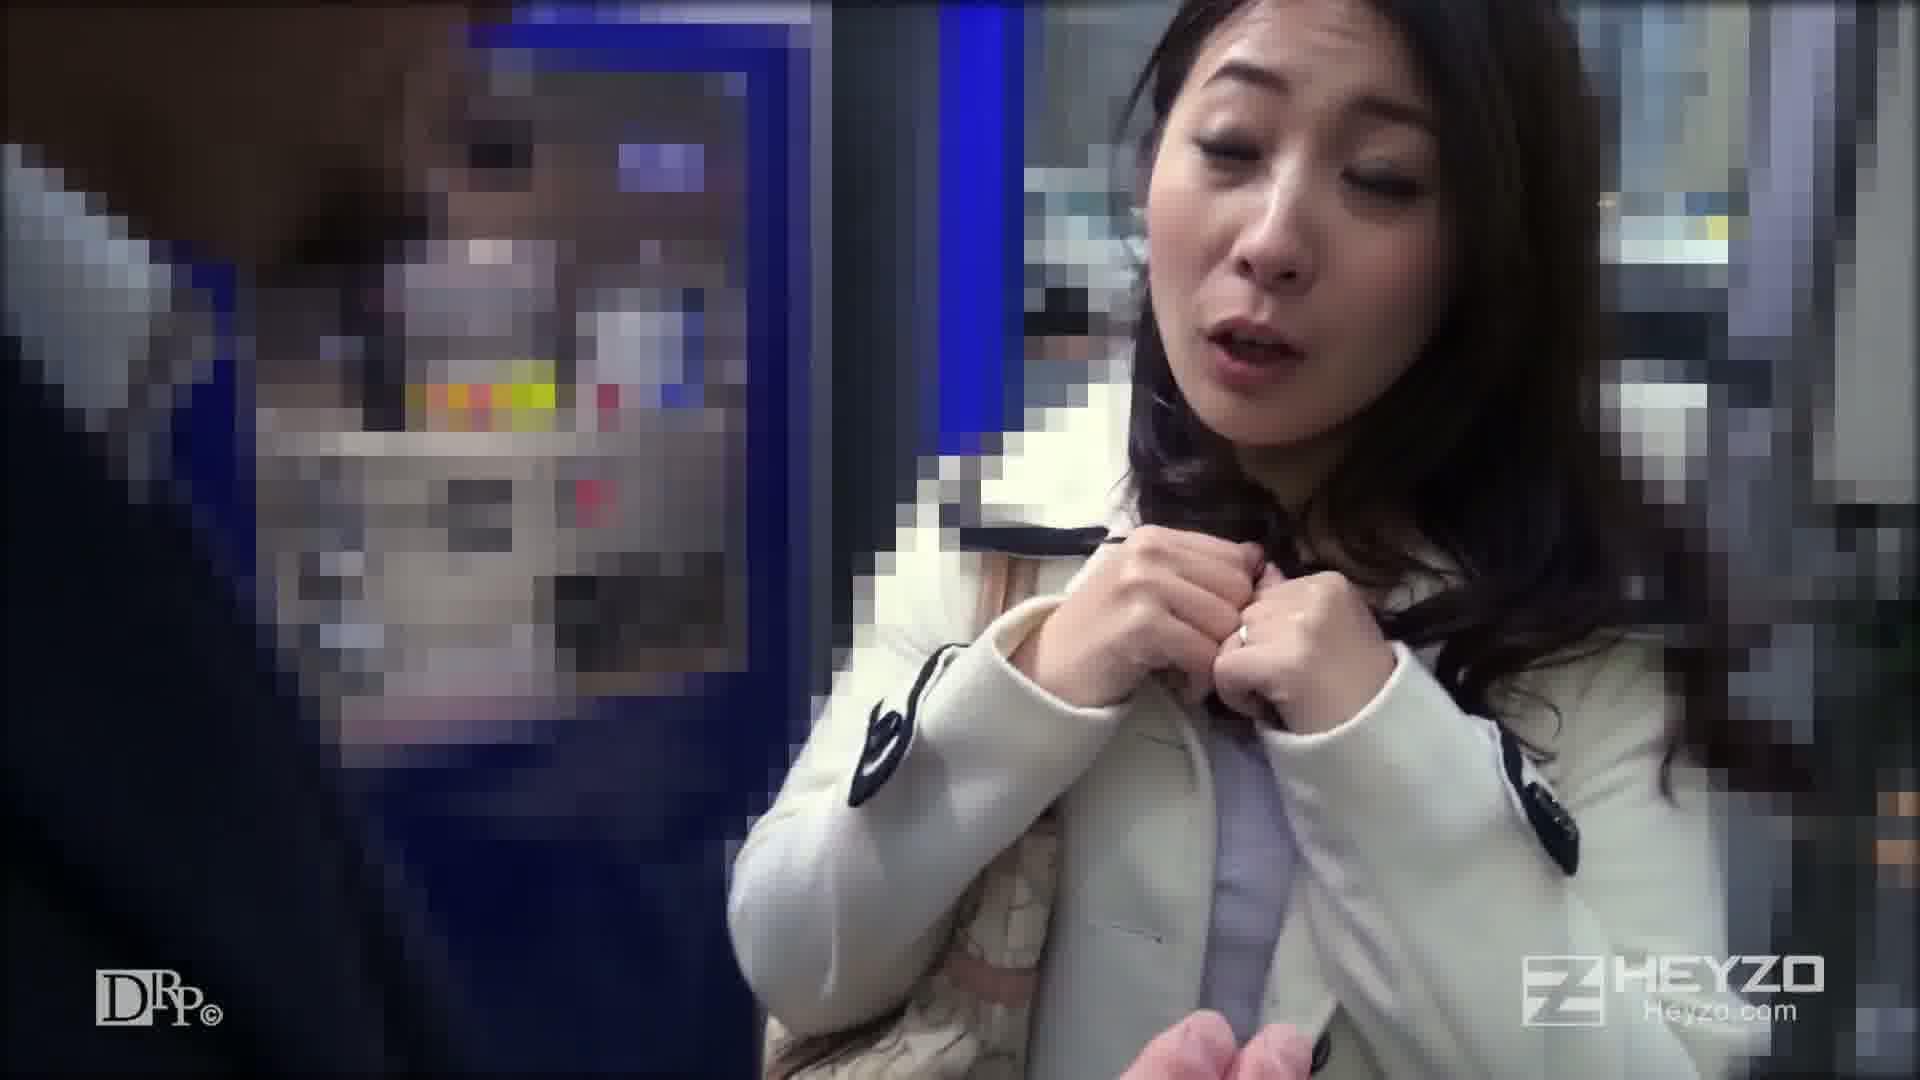 奥さん、ヌルヌルモニターやりませんか? - 結城恋【勧誘 アンケート ローション実践】